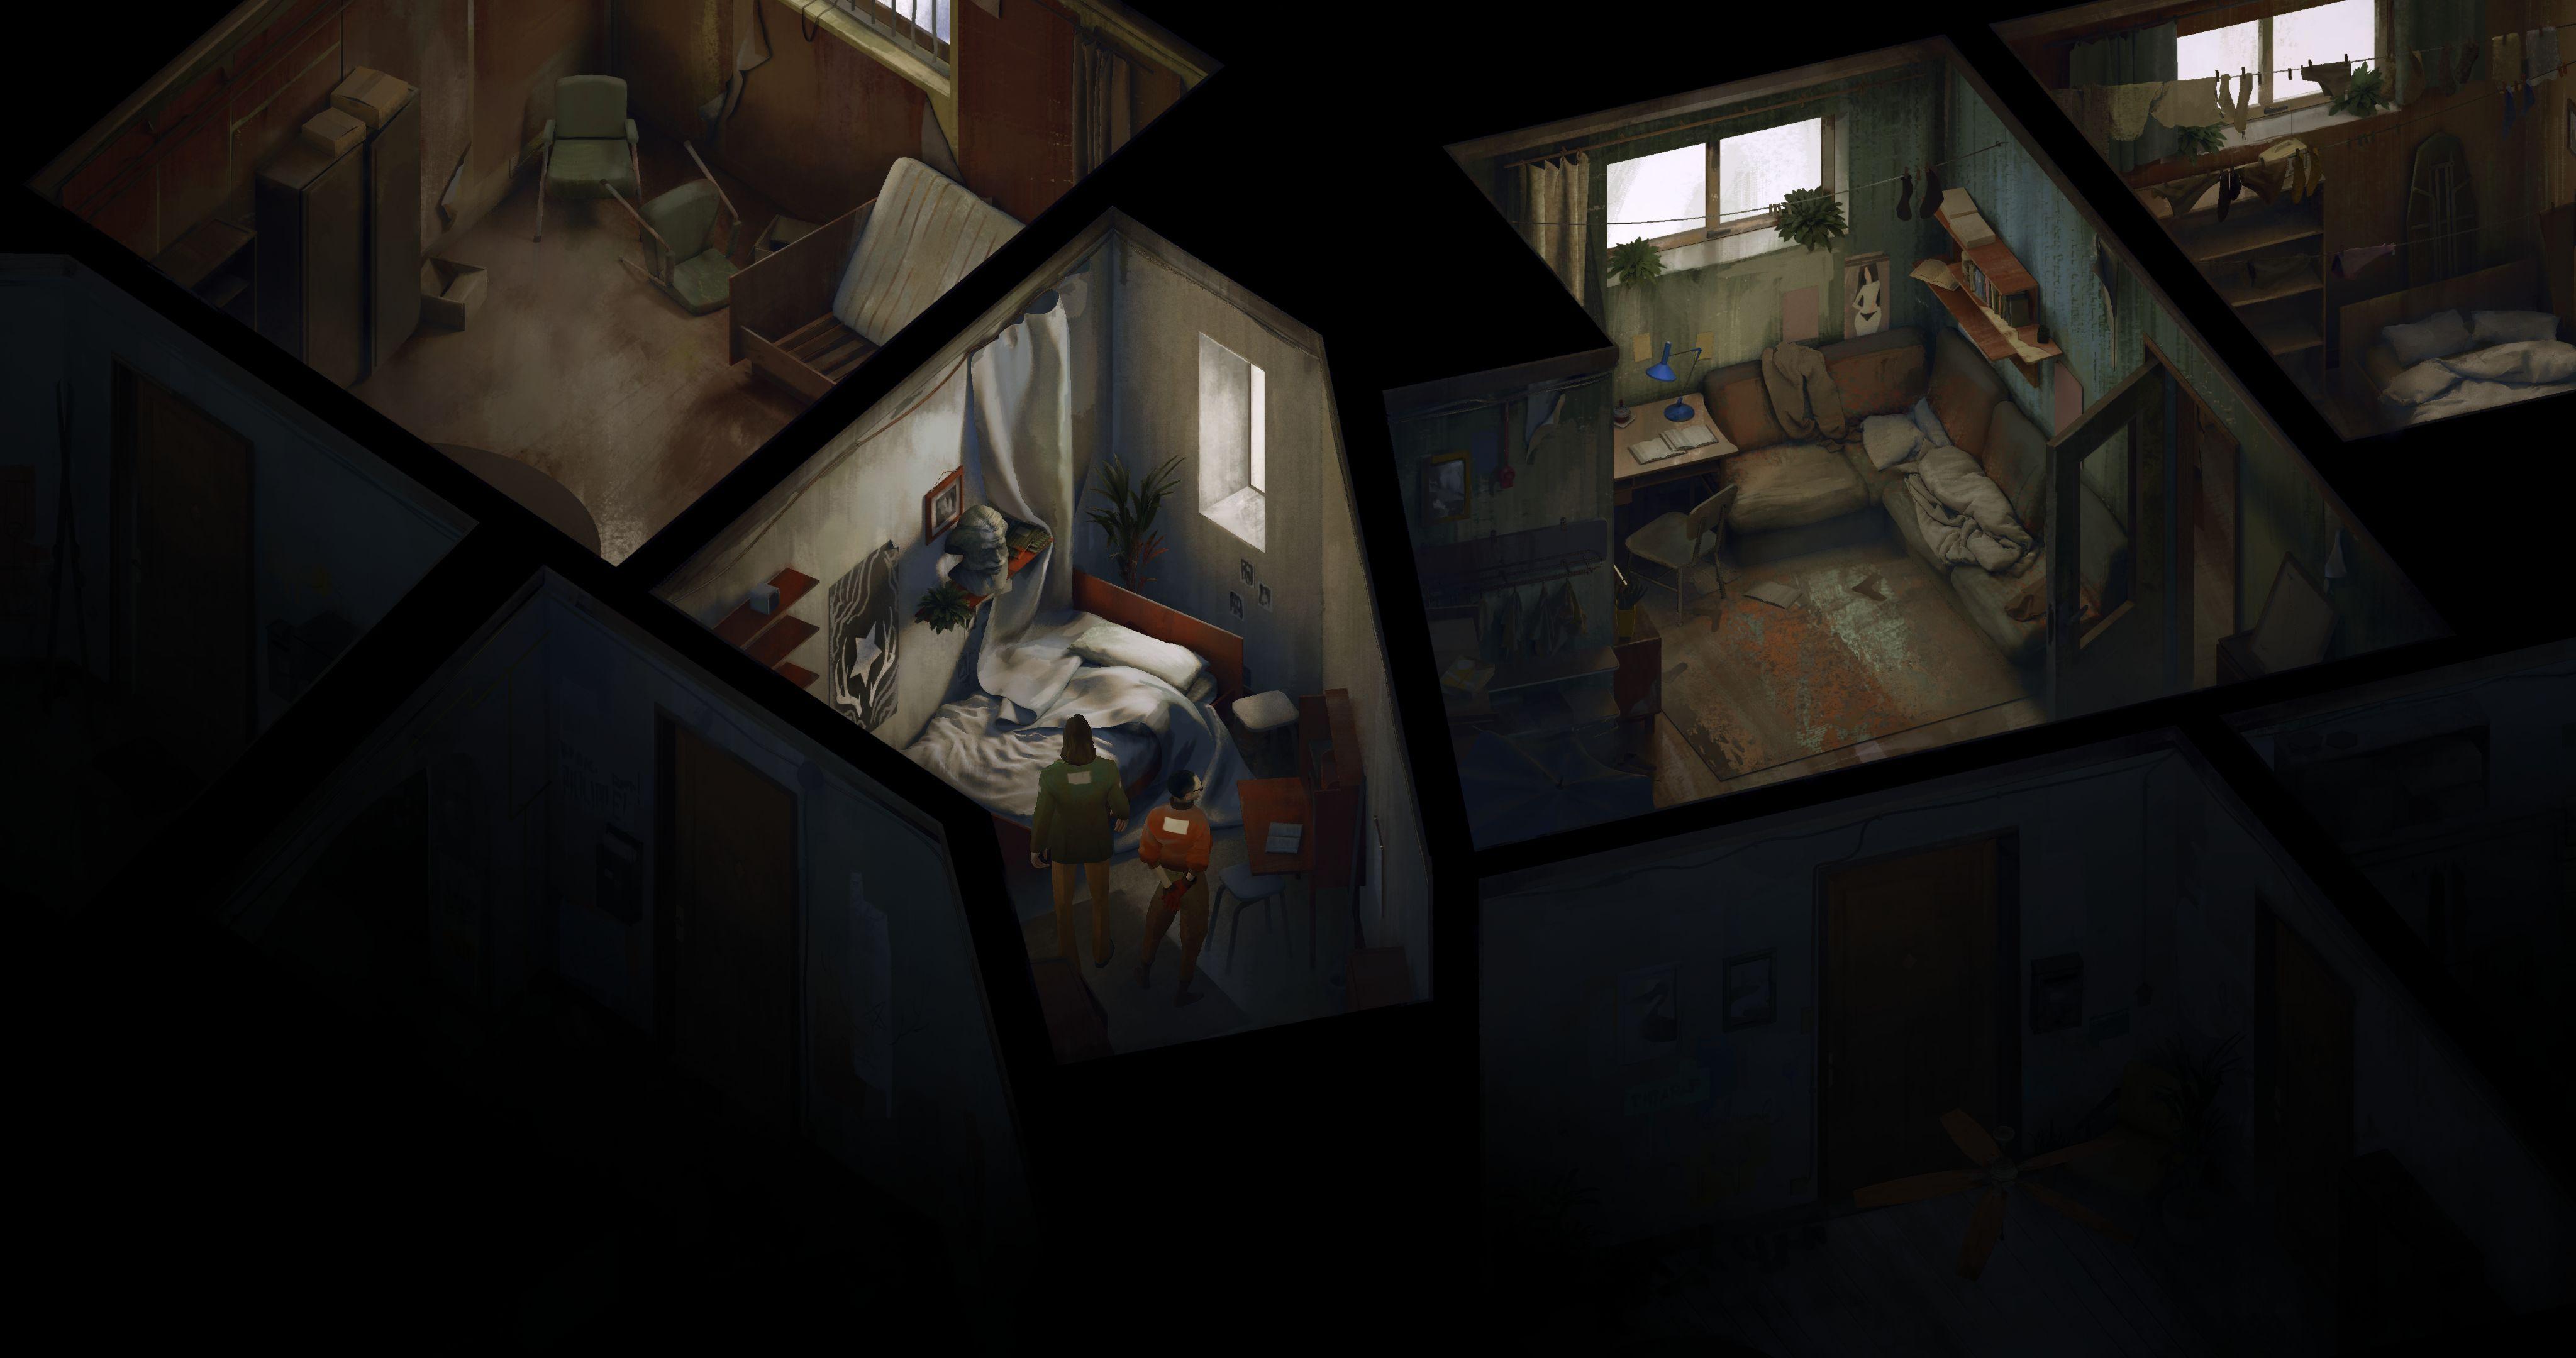 de apartments